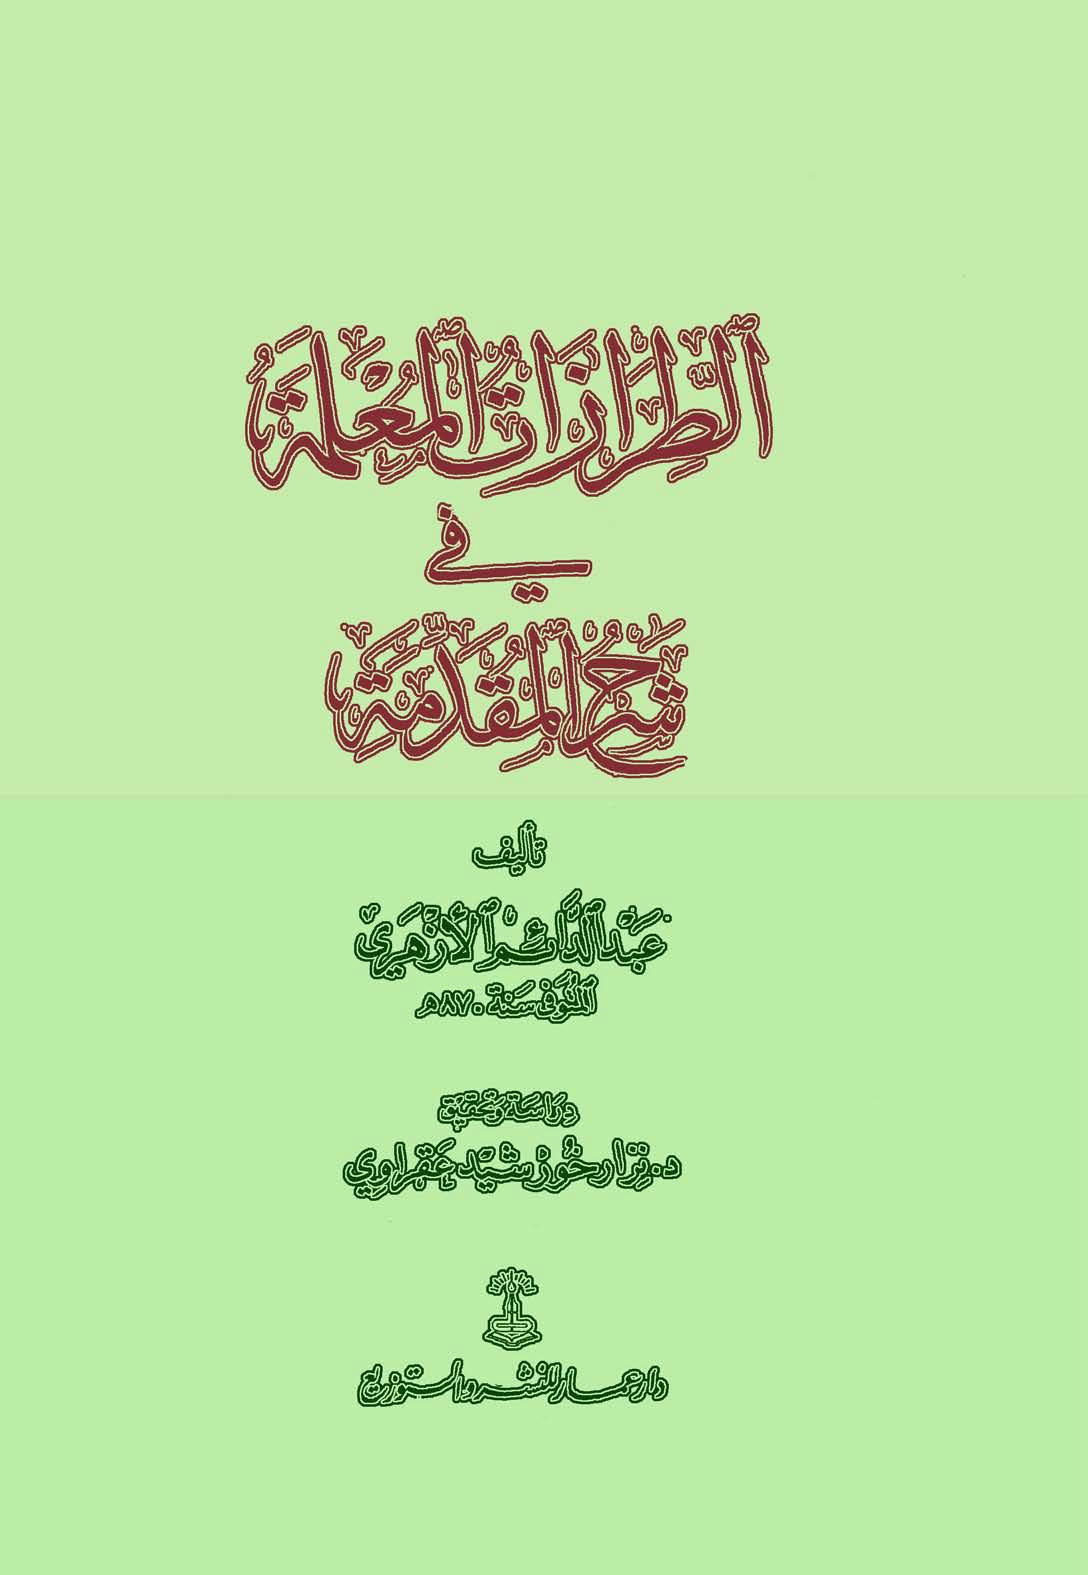 تحميل كتاب الطرازات المعلمة في شرح المقدمة (ت. عقراوي) لـِ: الإمام أبو محمد عبد الدائم بن علي الحديدي الأزهري الشافعي (ت 870)